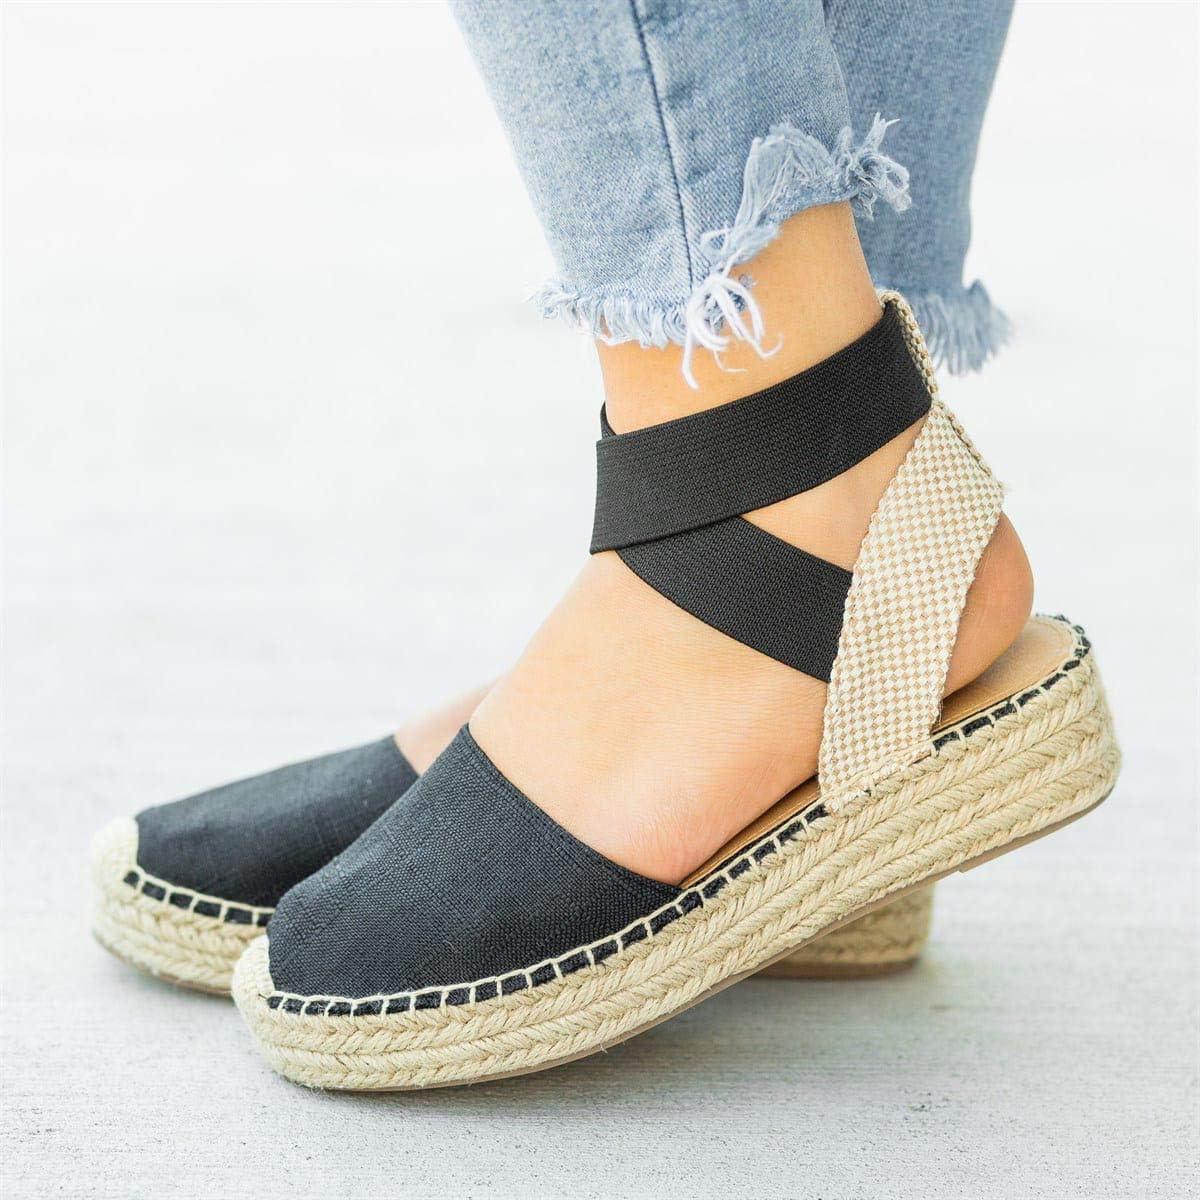 JFFFFWI Sandalias para Mujer Alpargatas Verano Sandalias Planas con Punta Cerrada Sandalias de tacón Alto con Tiras Cruzadas Tejido Sandalias de Fondo Grueso Zapatos cómodos para Caminar en la Playa